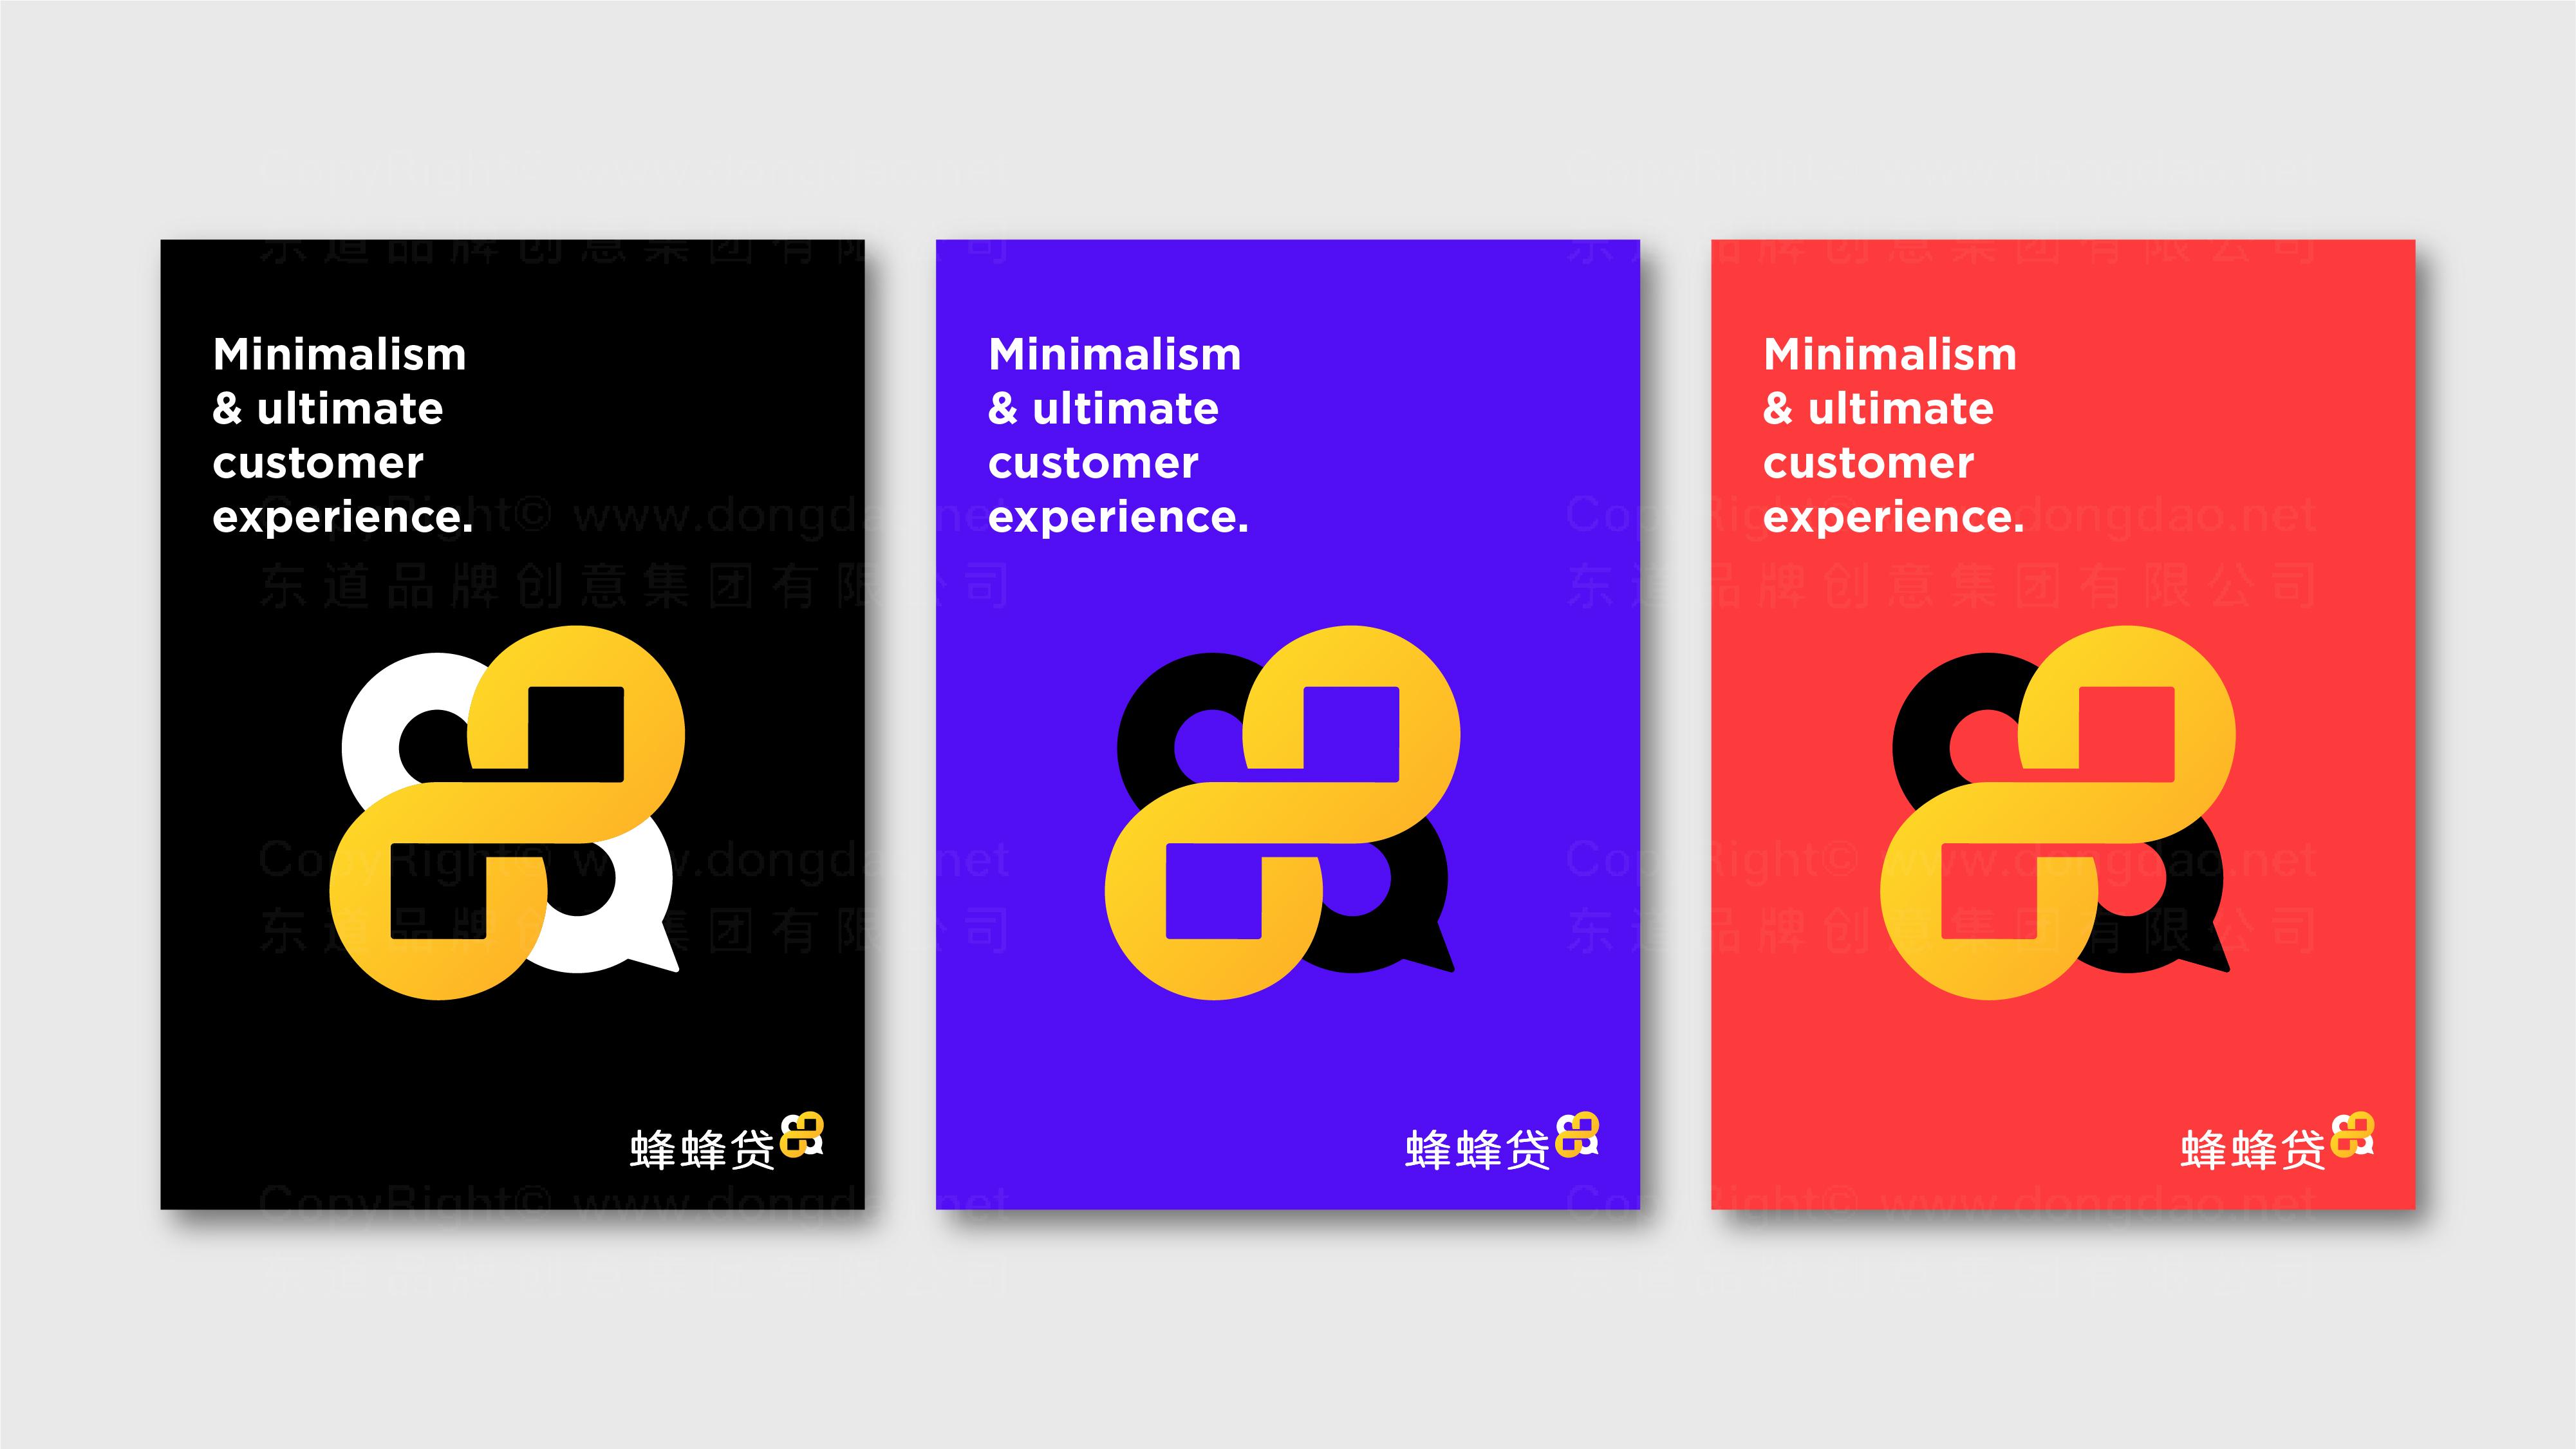 品牌设计蜂蜂贷LOGO&VI设计应用场景_1